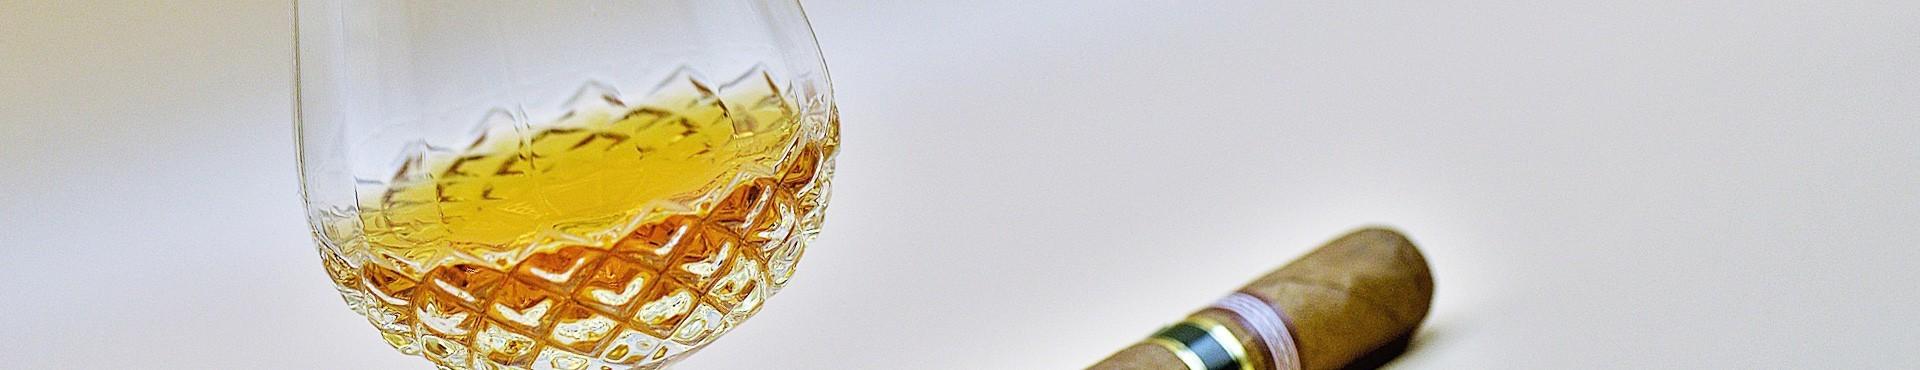 Nos Cognacs - OnWine